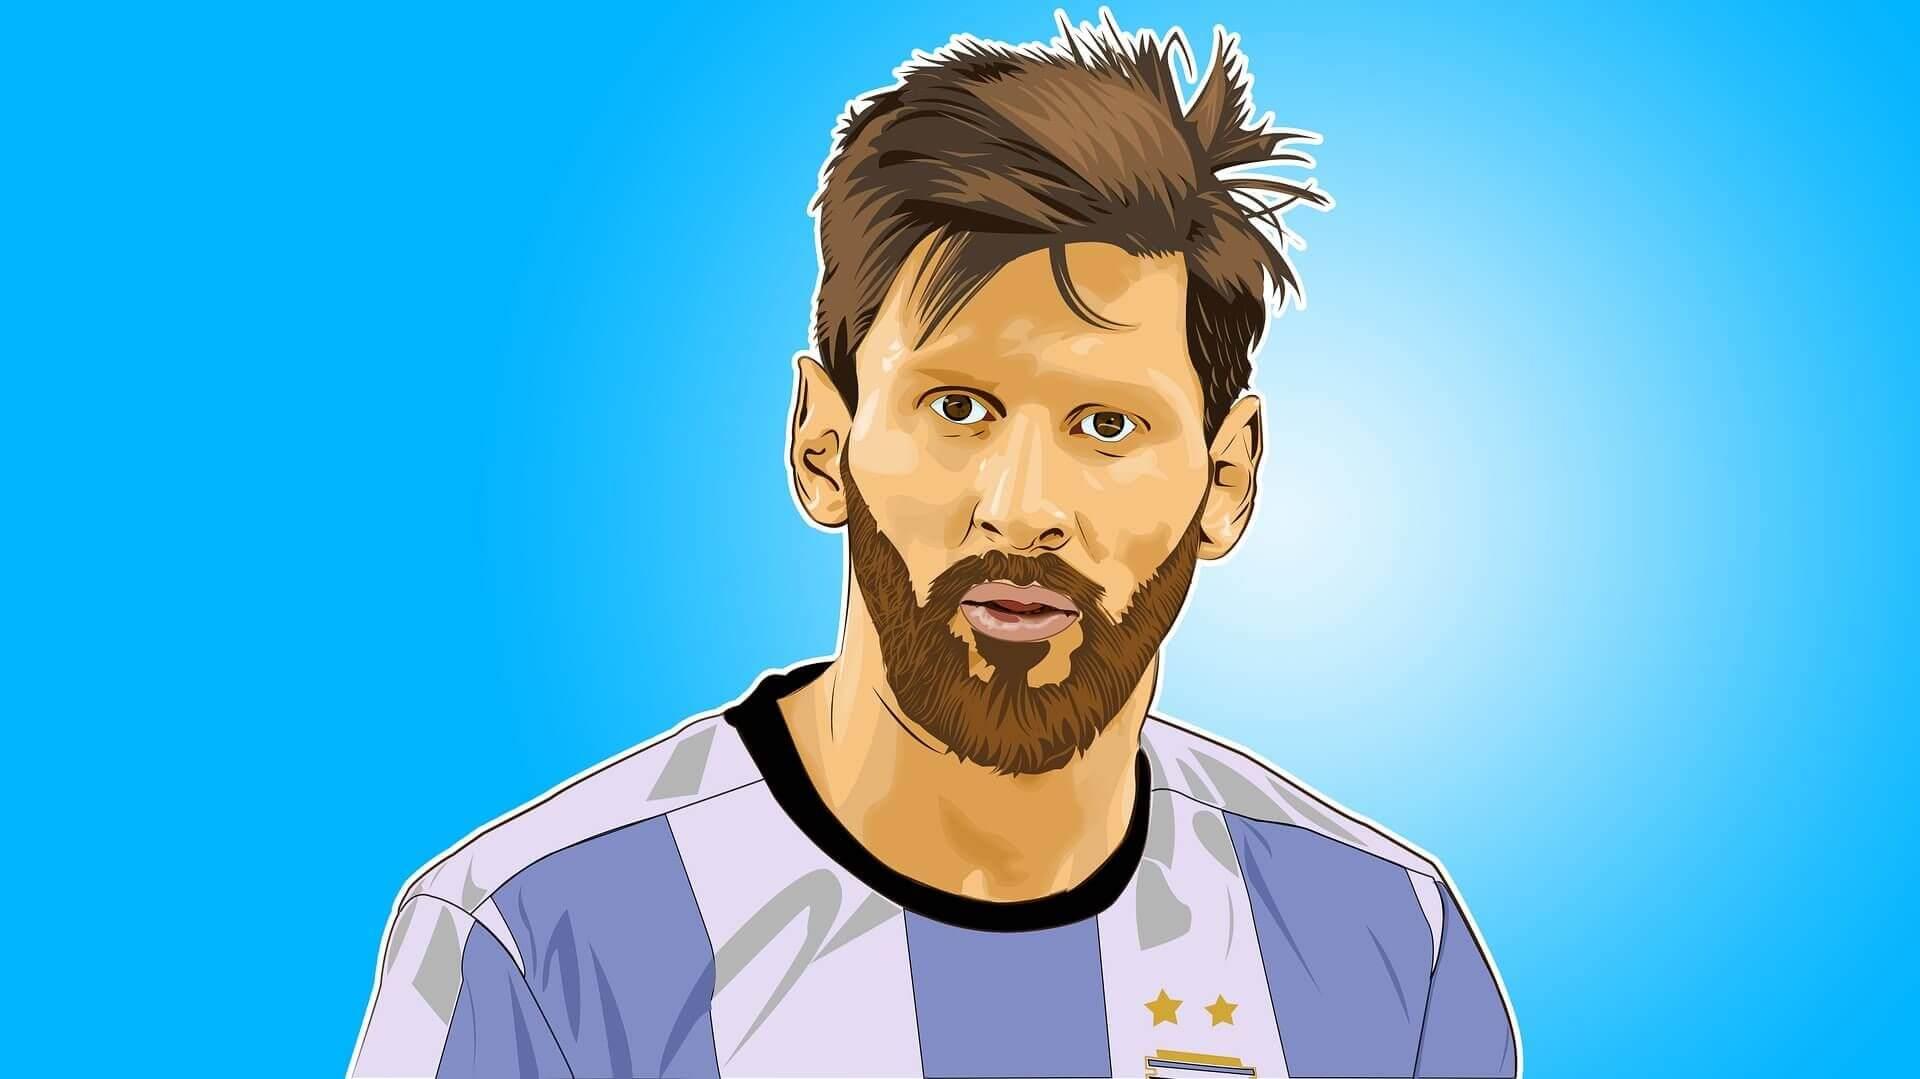 mejores casas de apuestas deportivas argentina